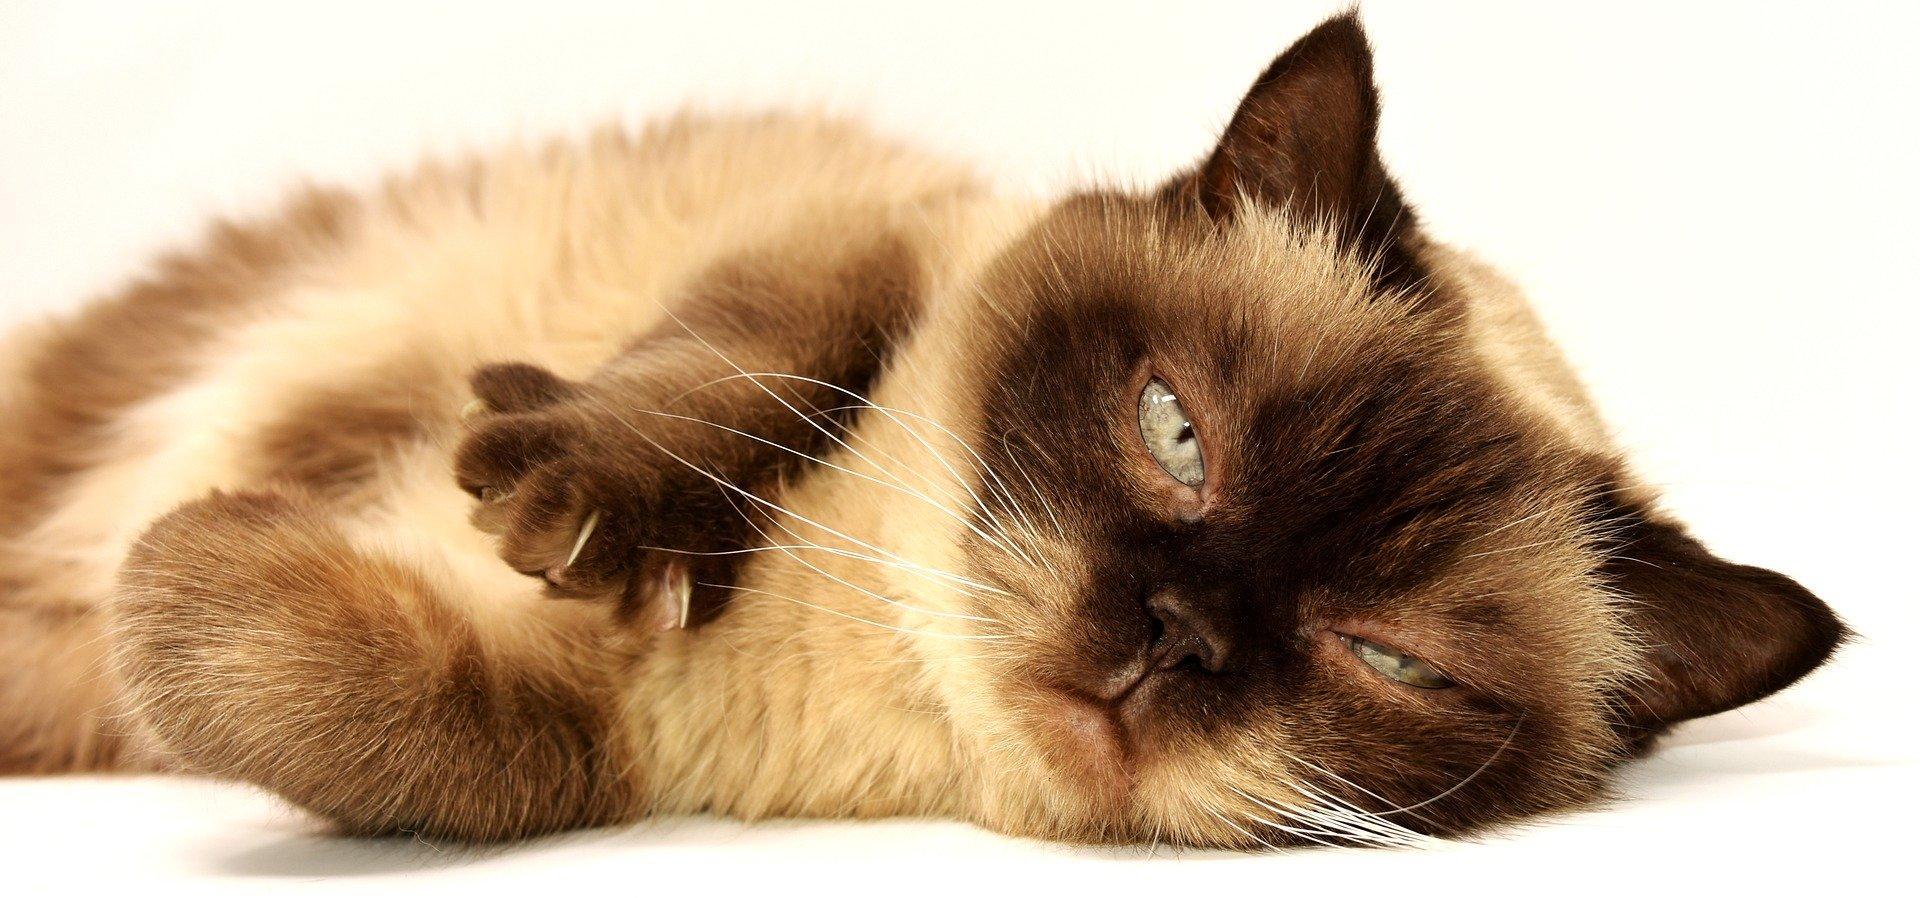 Que es otitis en gato